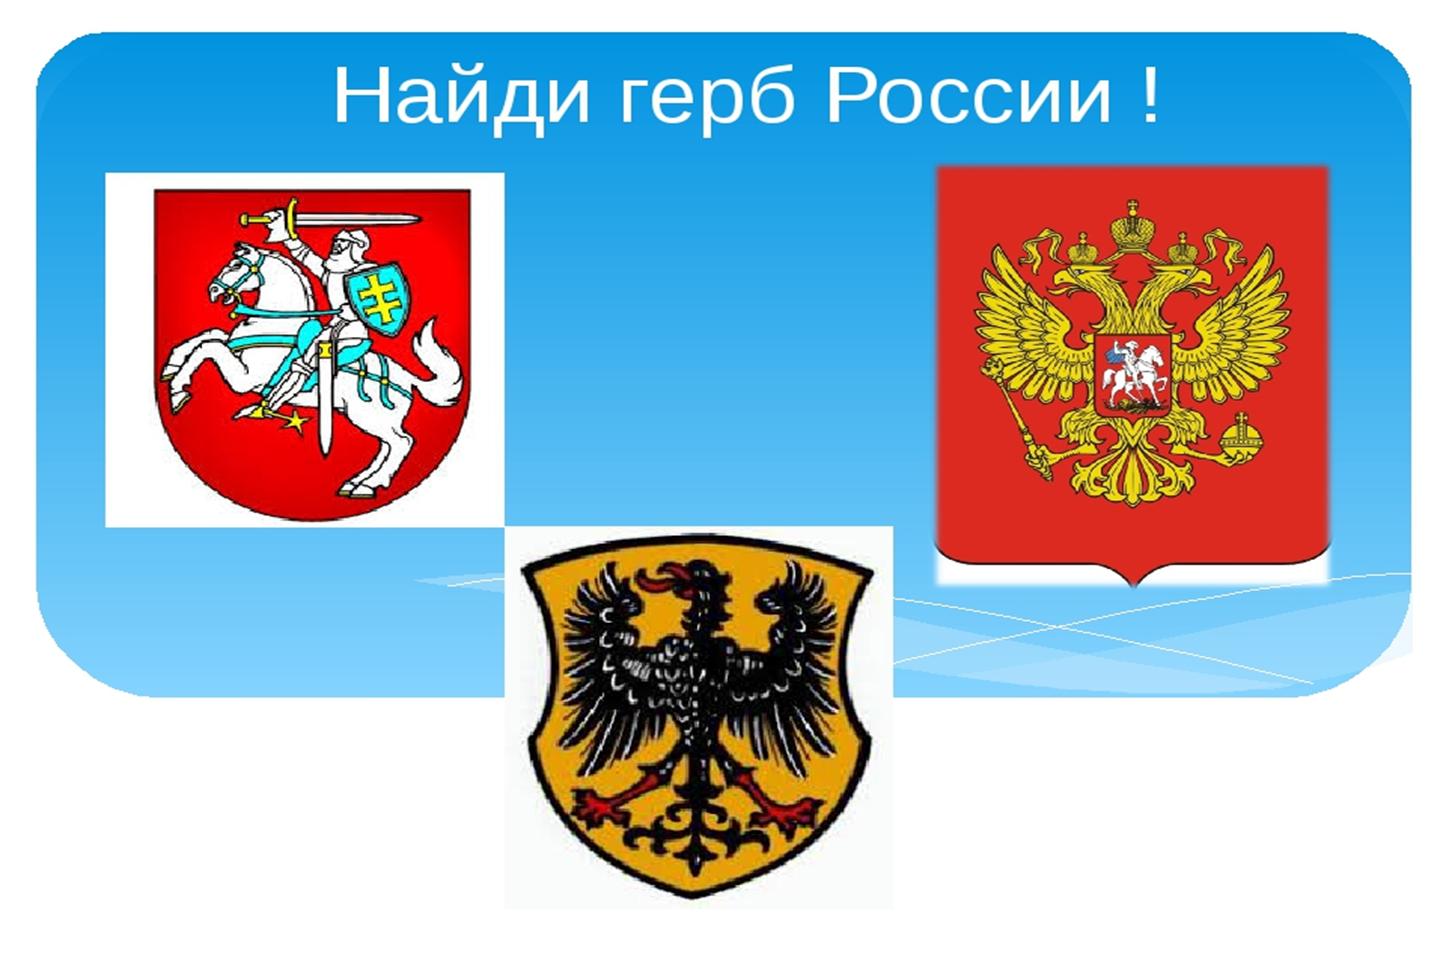 правильно картинки герб стран и россии разводят водой